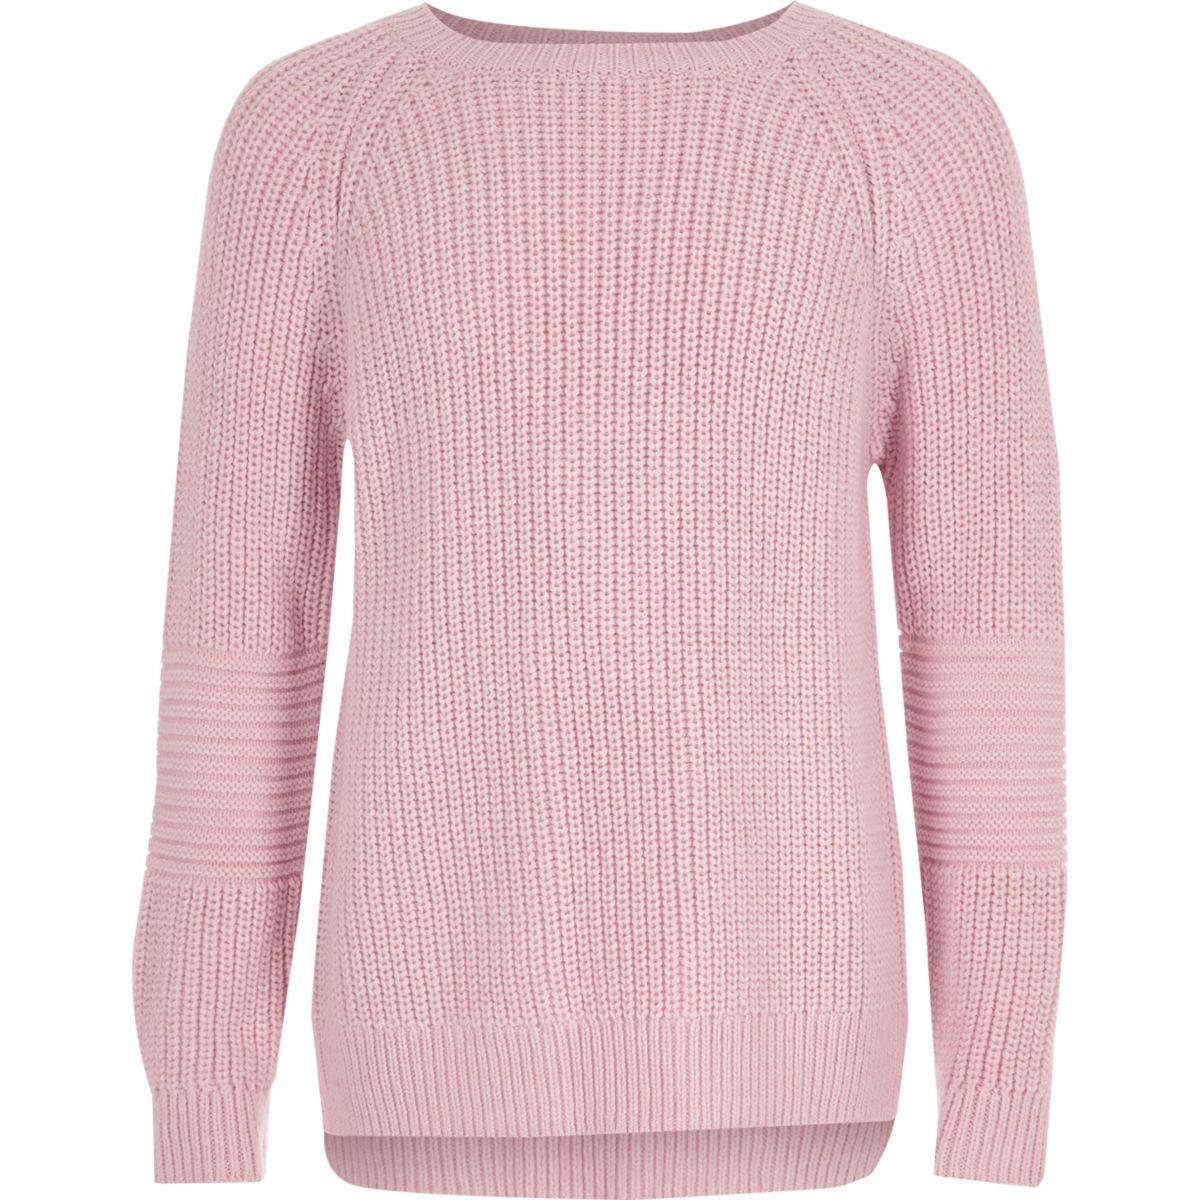 Girls pink cross open back knit sweater